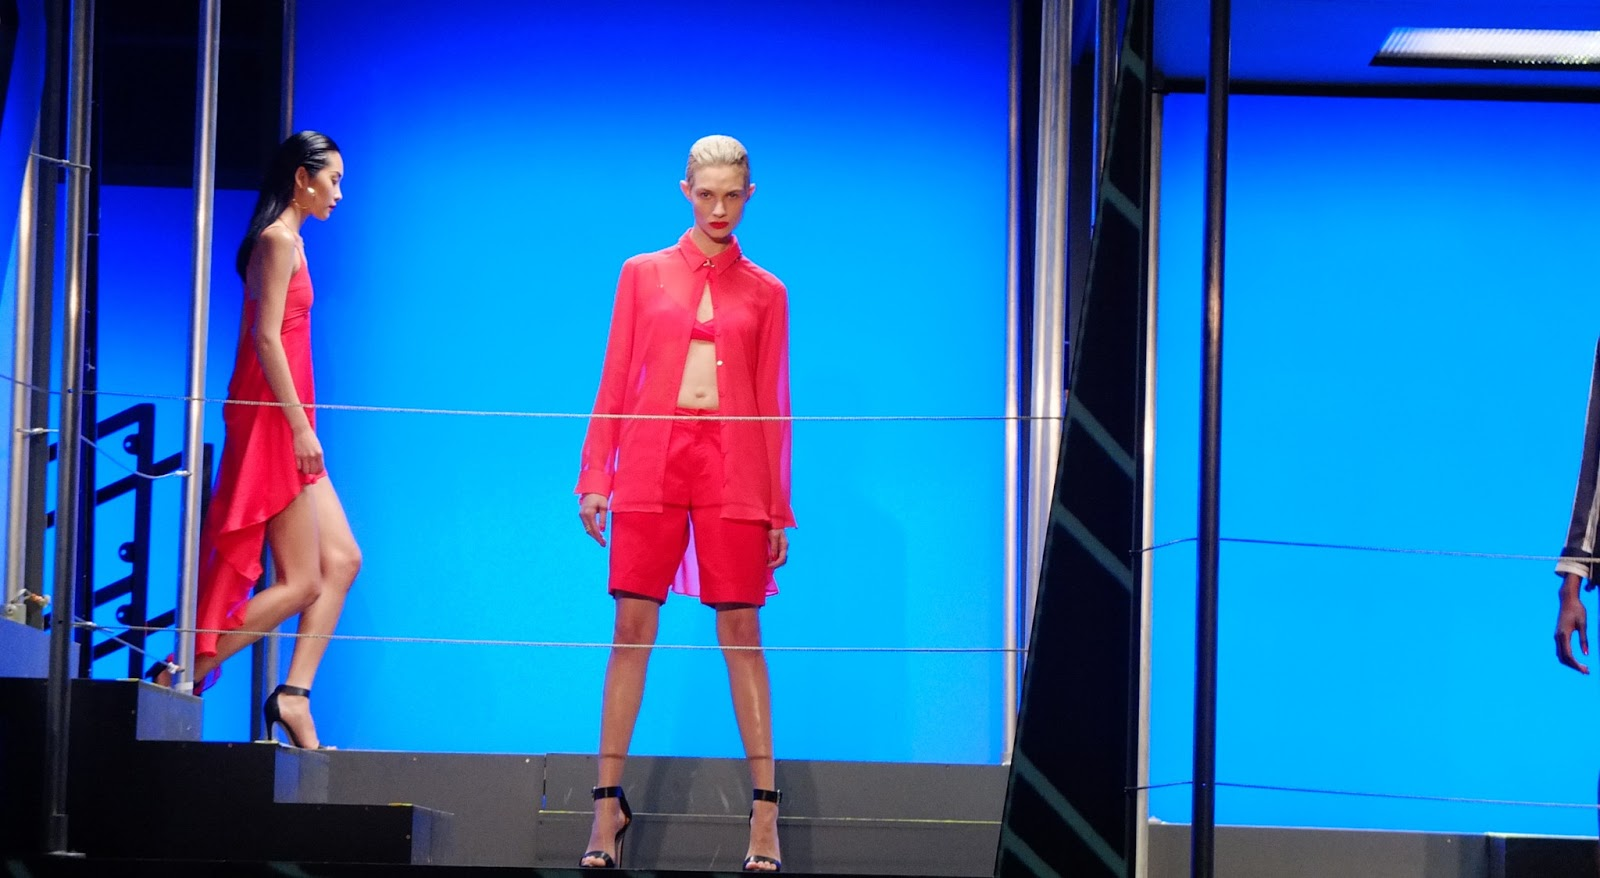 http://4.bp.blogspot.com/-3bWHTtC06H8/USilZK2Pg_I/AAAAAAAAAX4/PTgjELGfT3E/s1600/Rihanna-river-island-fashion-show9.jpg